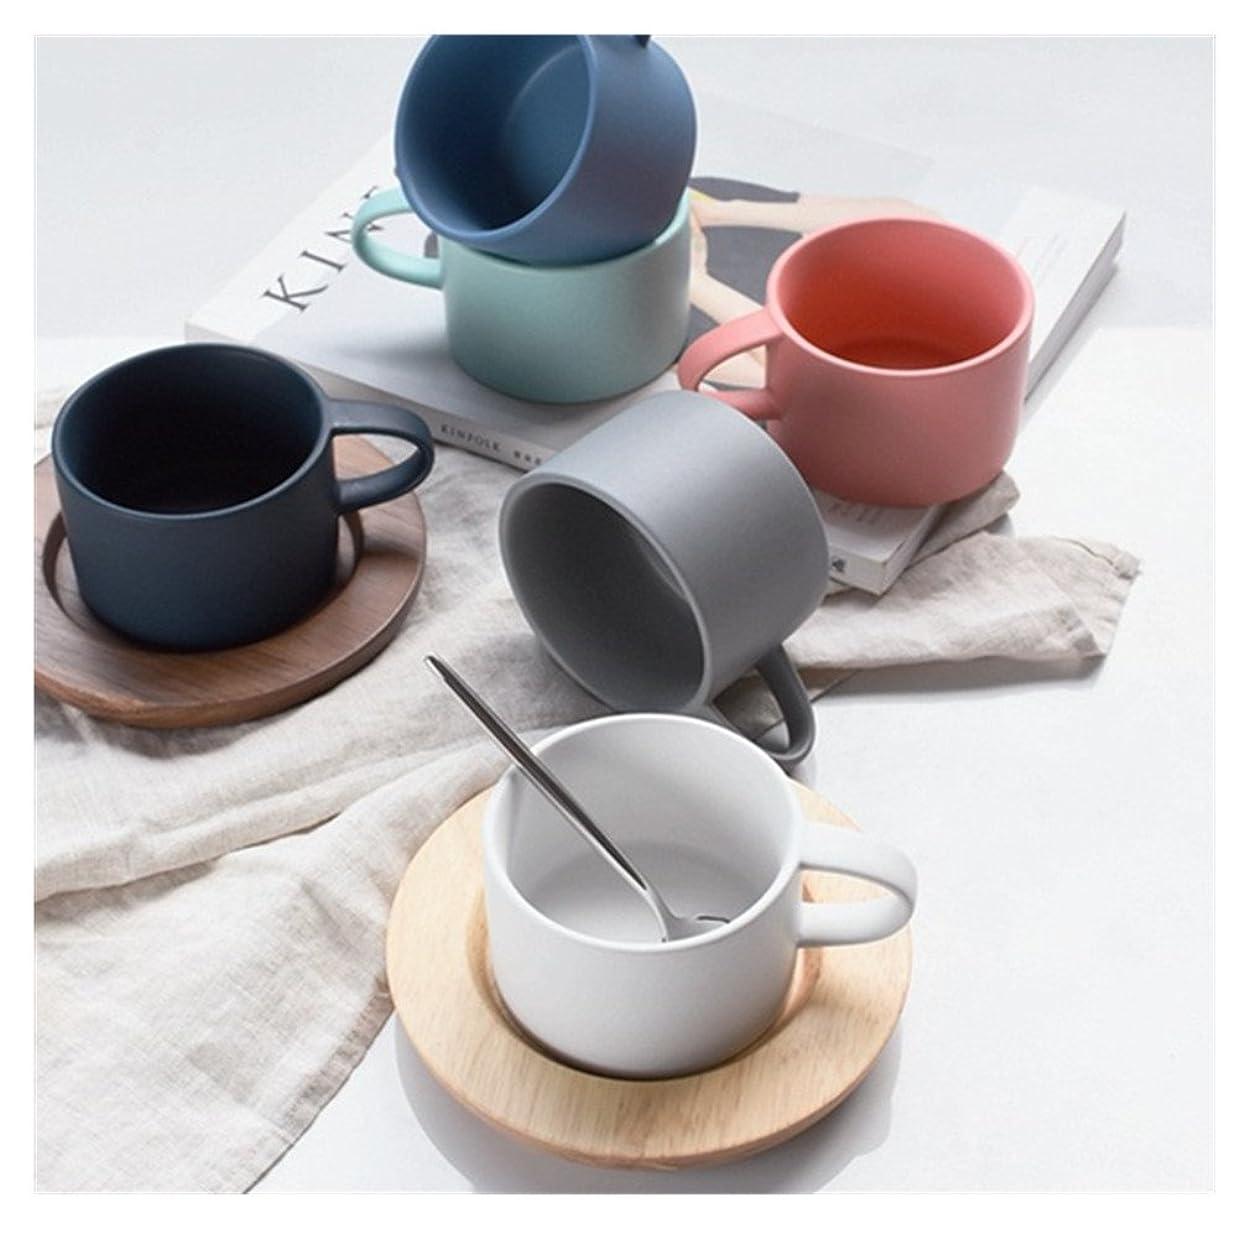 どういたしまして治療正気カップ コーヒーカップ セット ソーサー 陶器 ヨーロッパ 風 シンプル 碗皿セット (グレー)